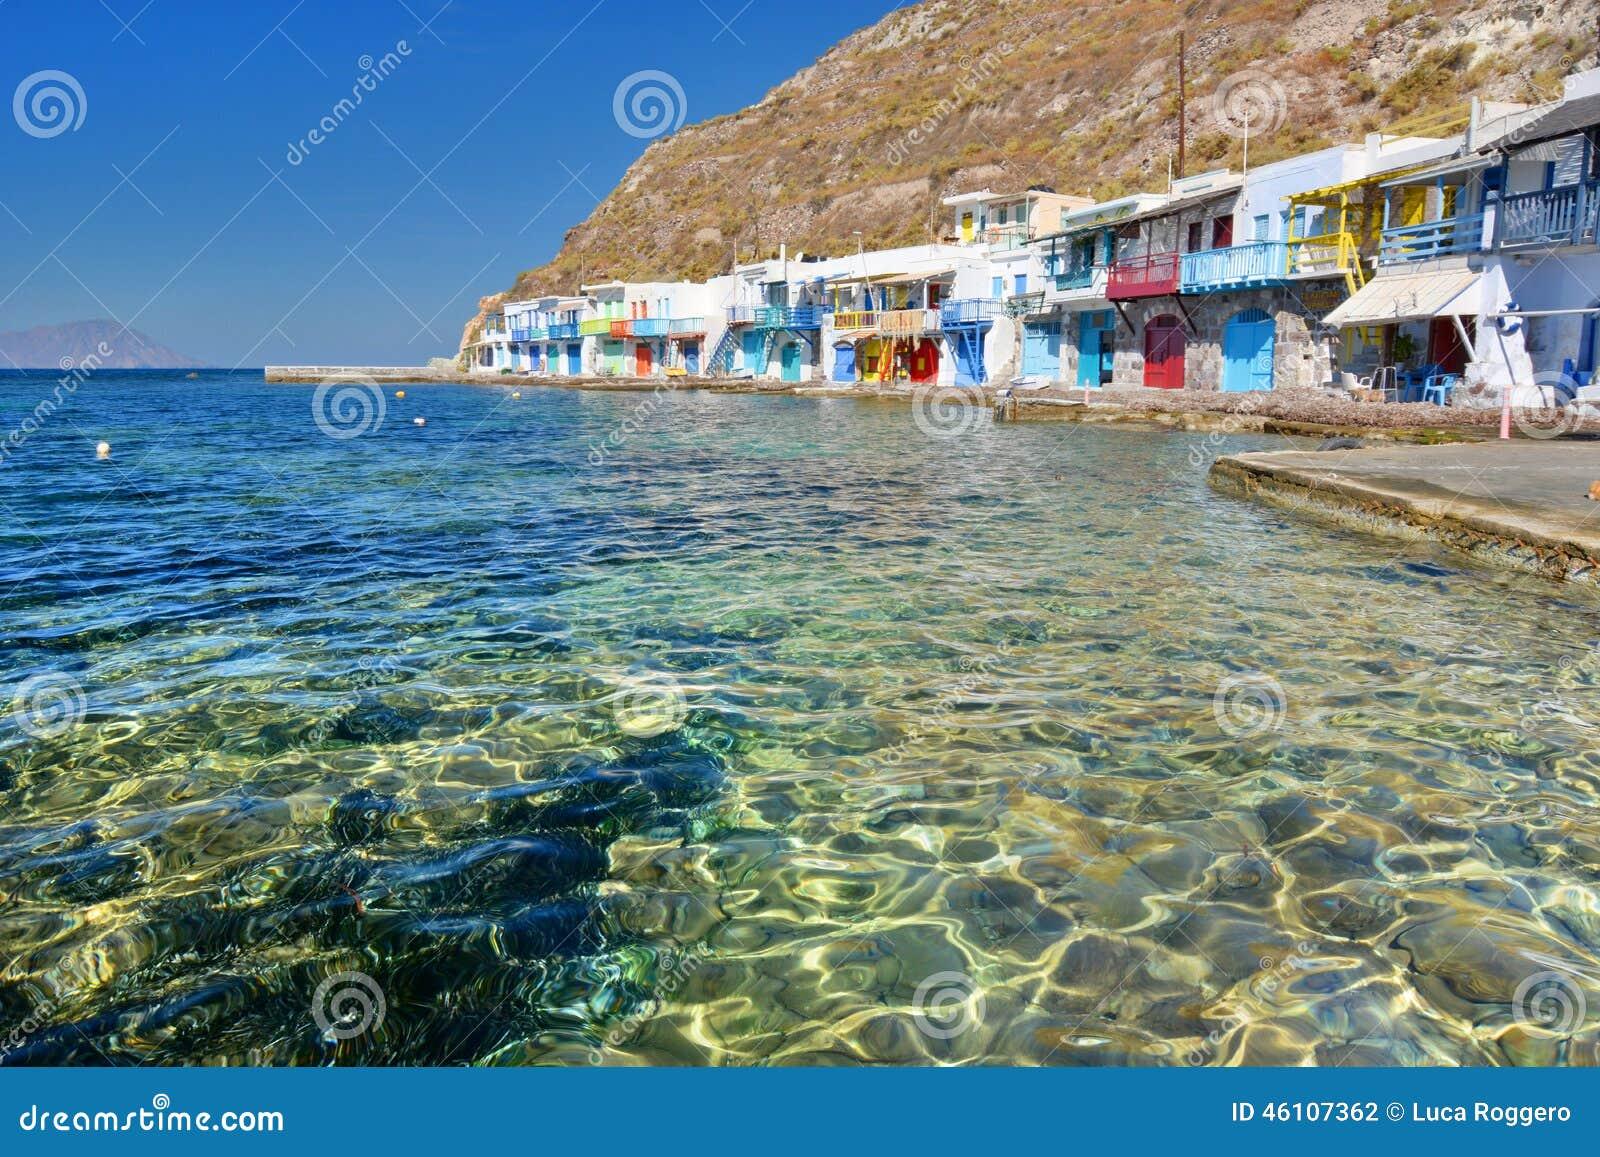 Traditionelles Fischerdorf Klima, Milos Die Kykladen-Inseln Griechenland